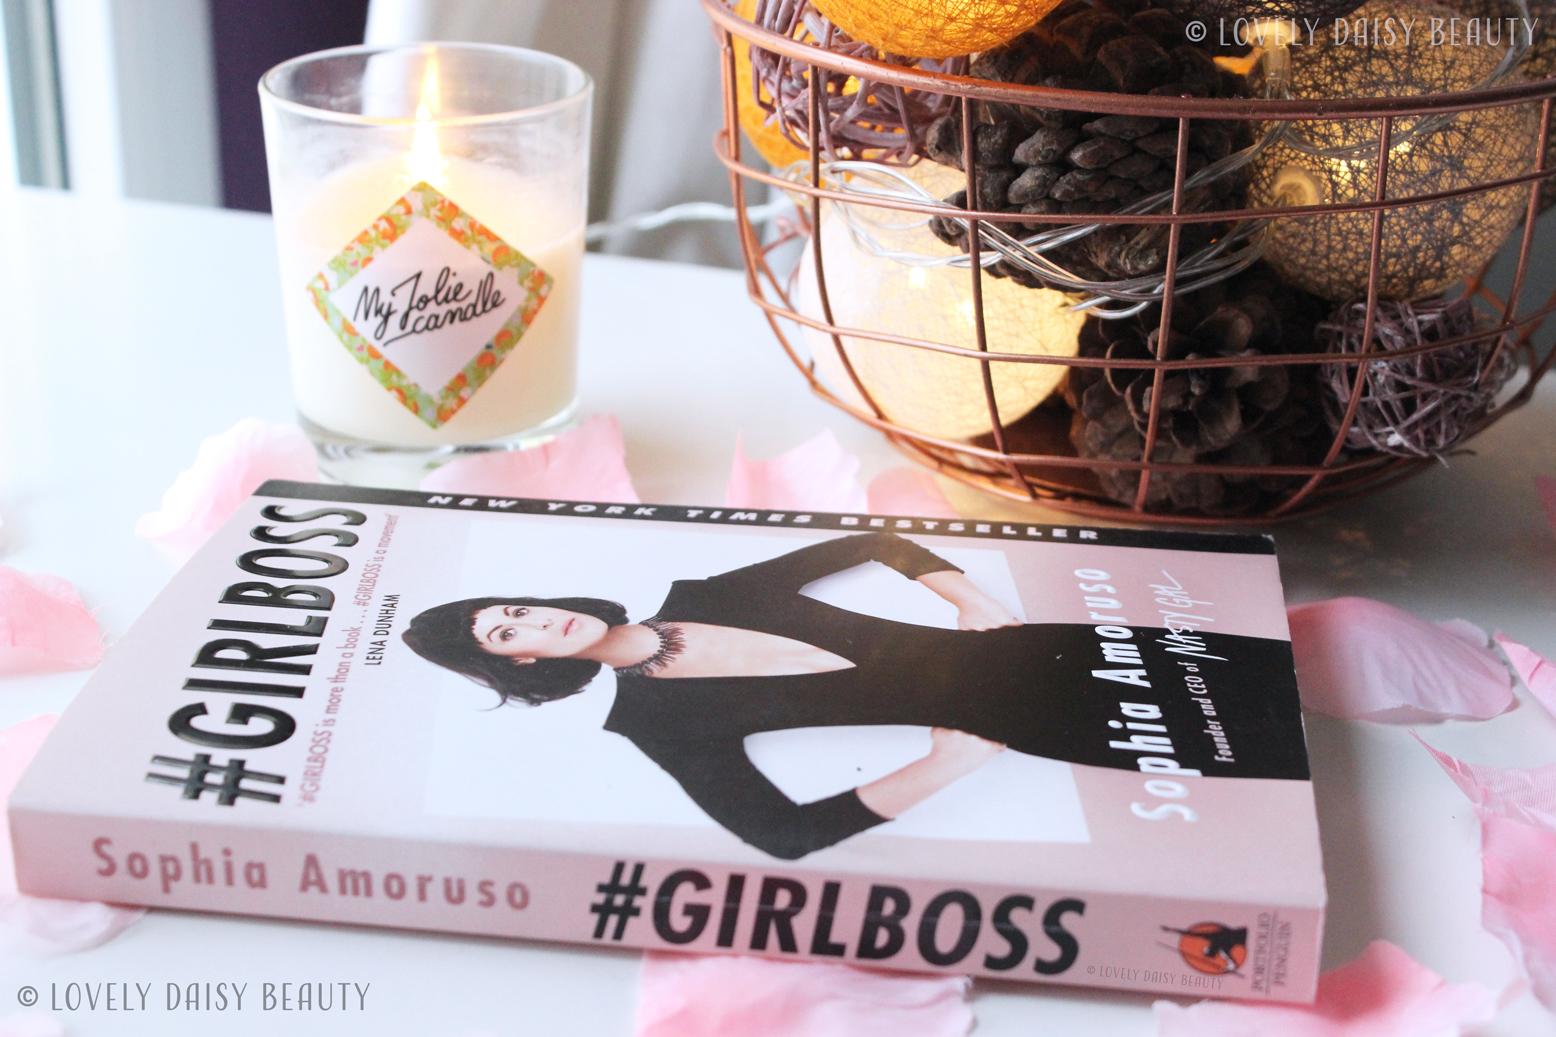 #girlboss-sophia-amoruso3